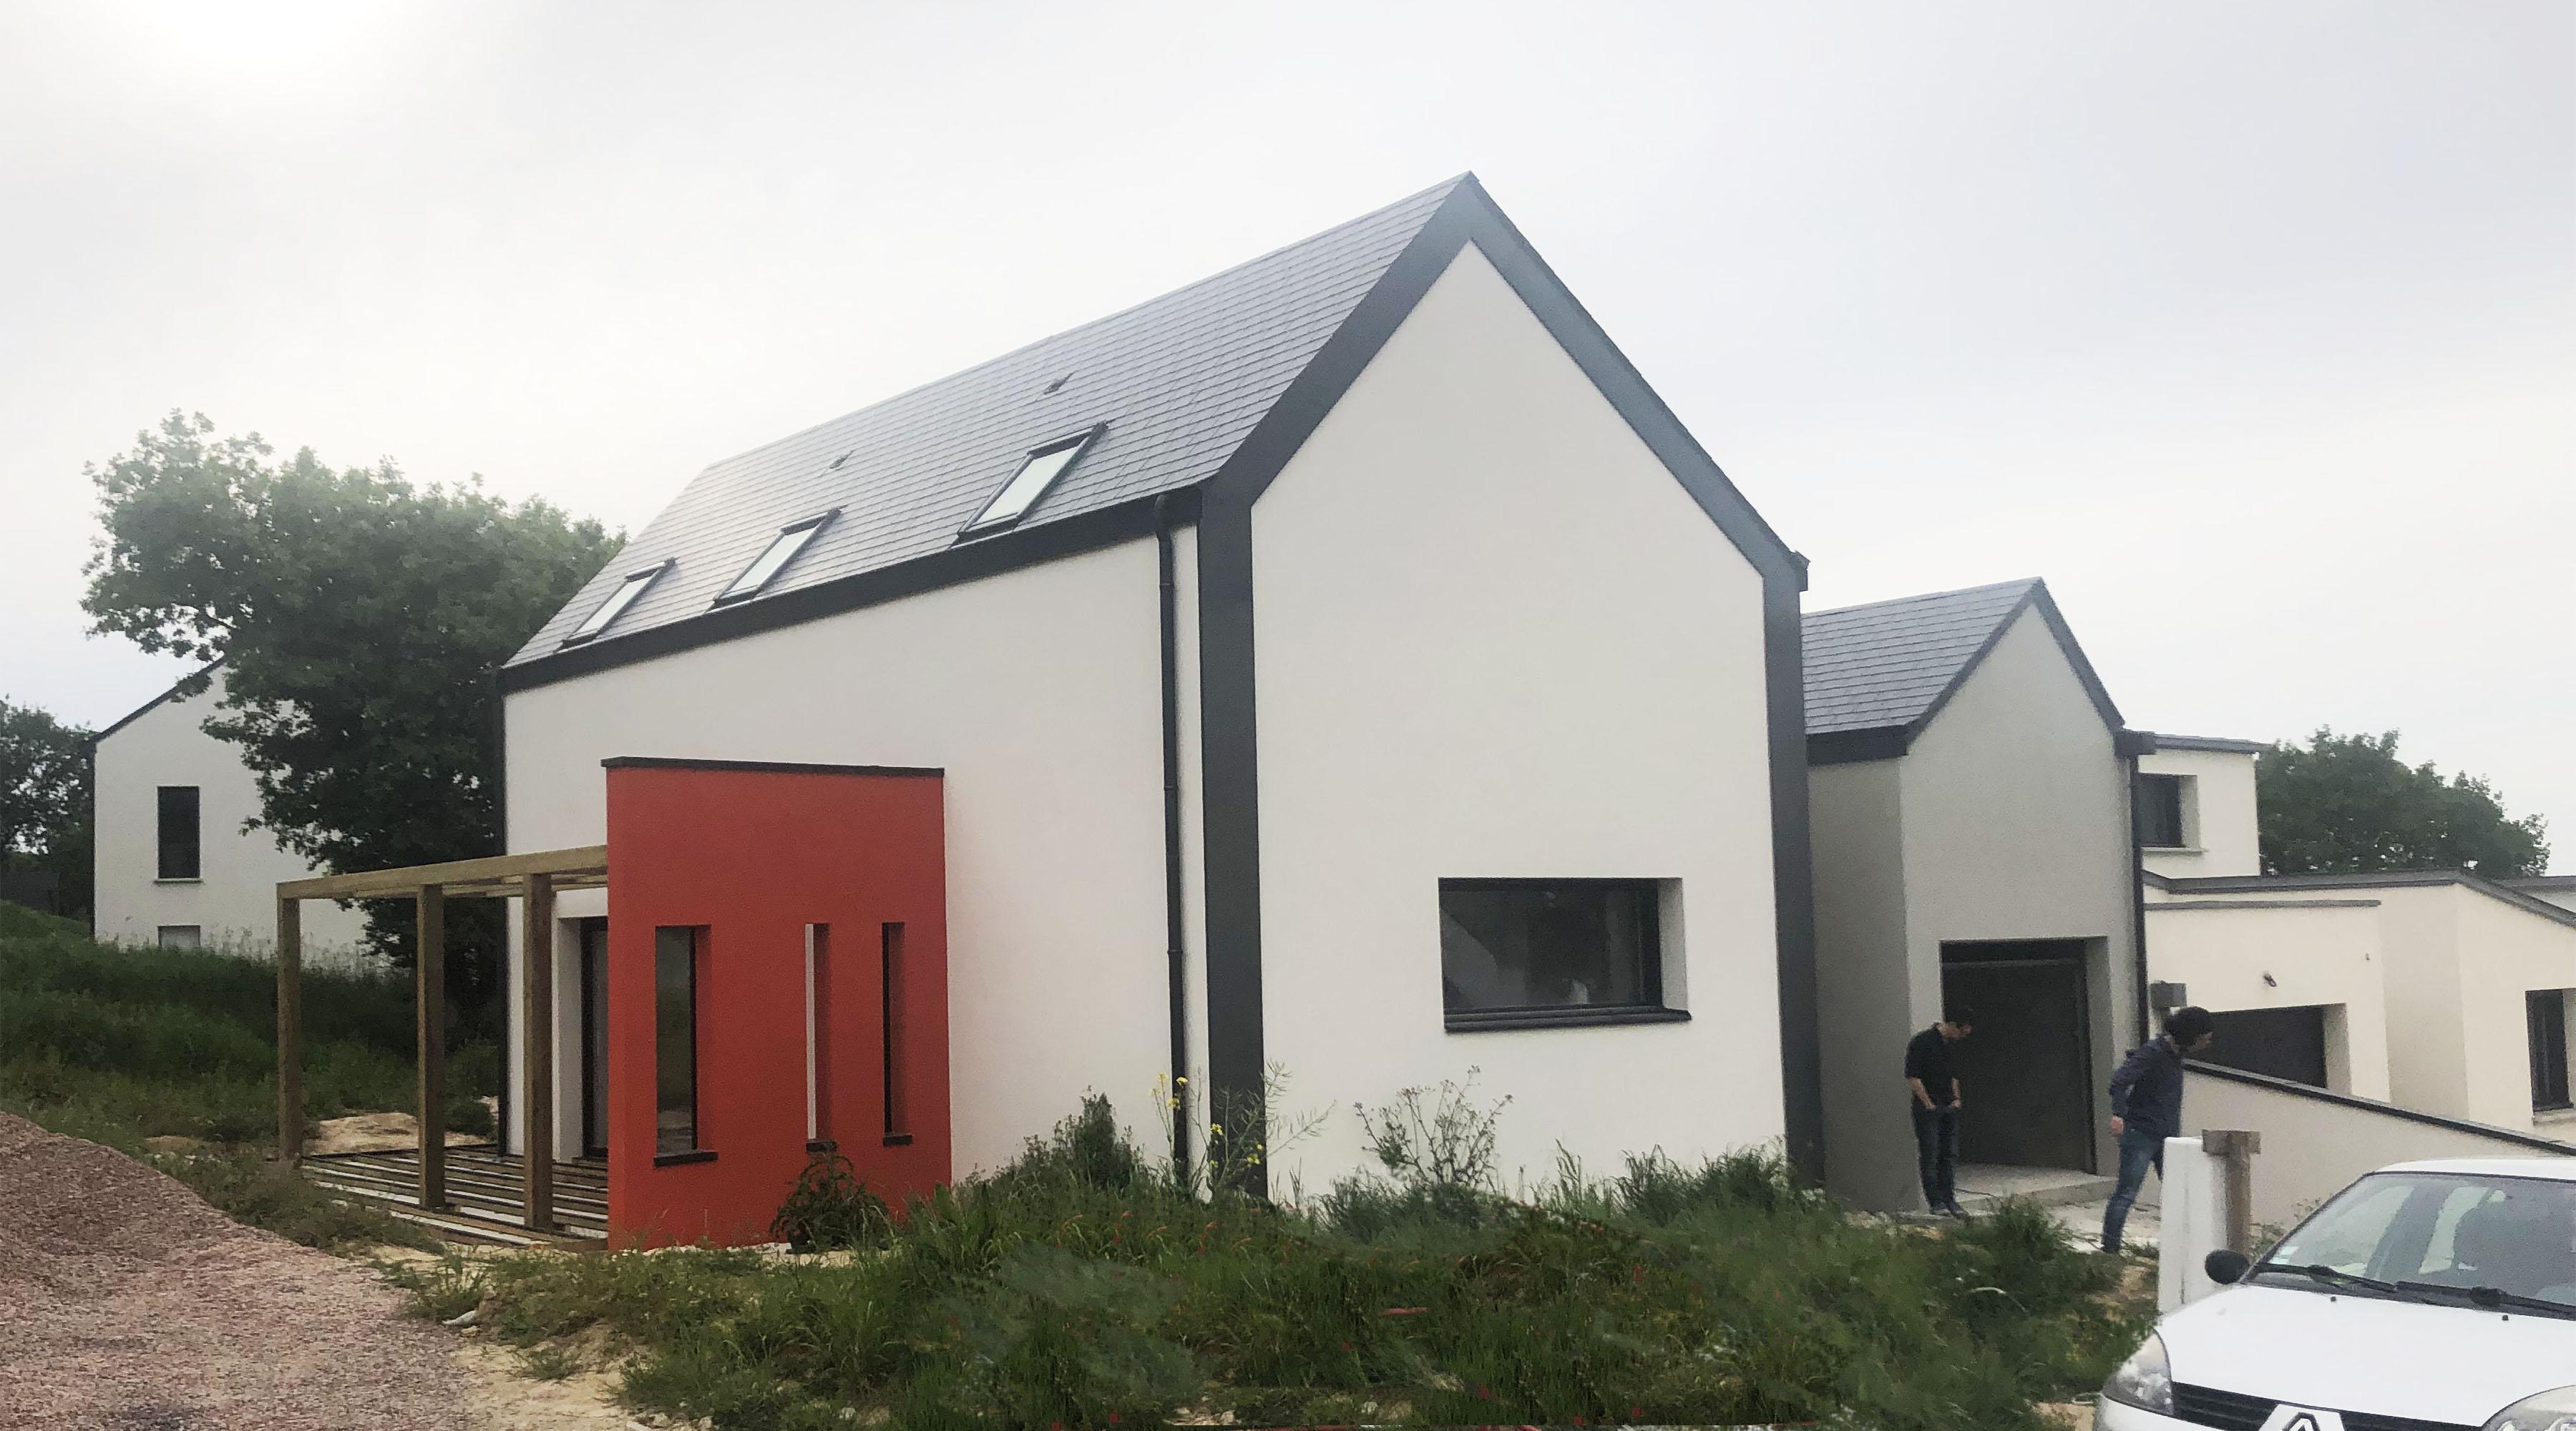 Constructeur Maison Neuve Ille Et Vilaine maison neuve - 1.2 vue – architecte / lise roturier – rennes